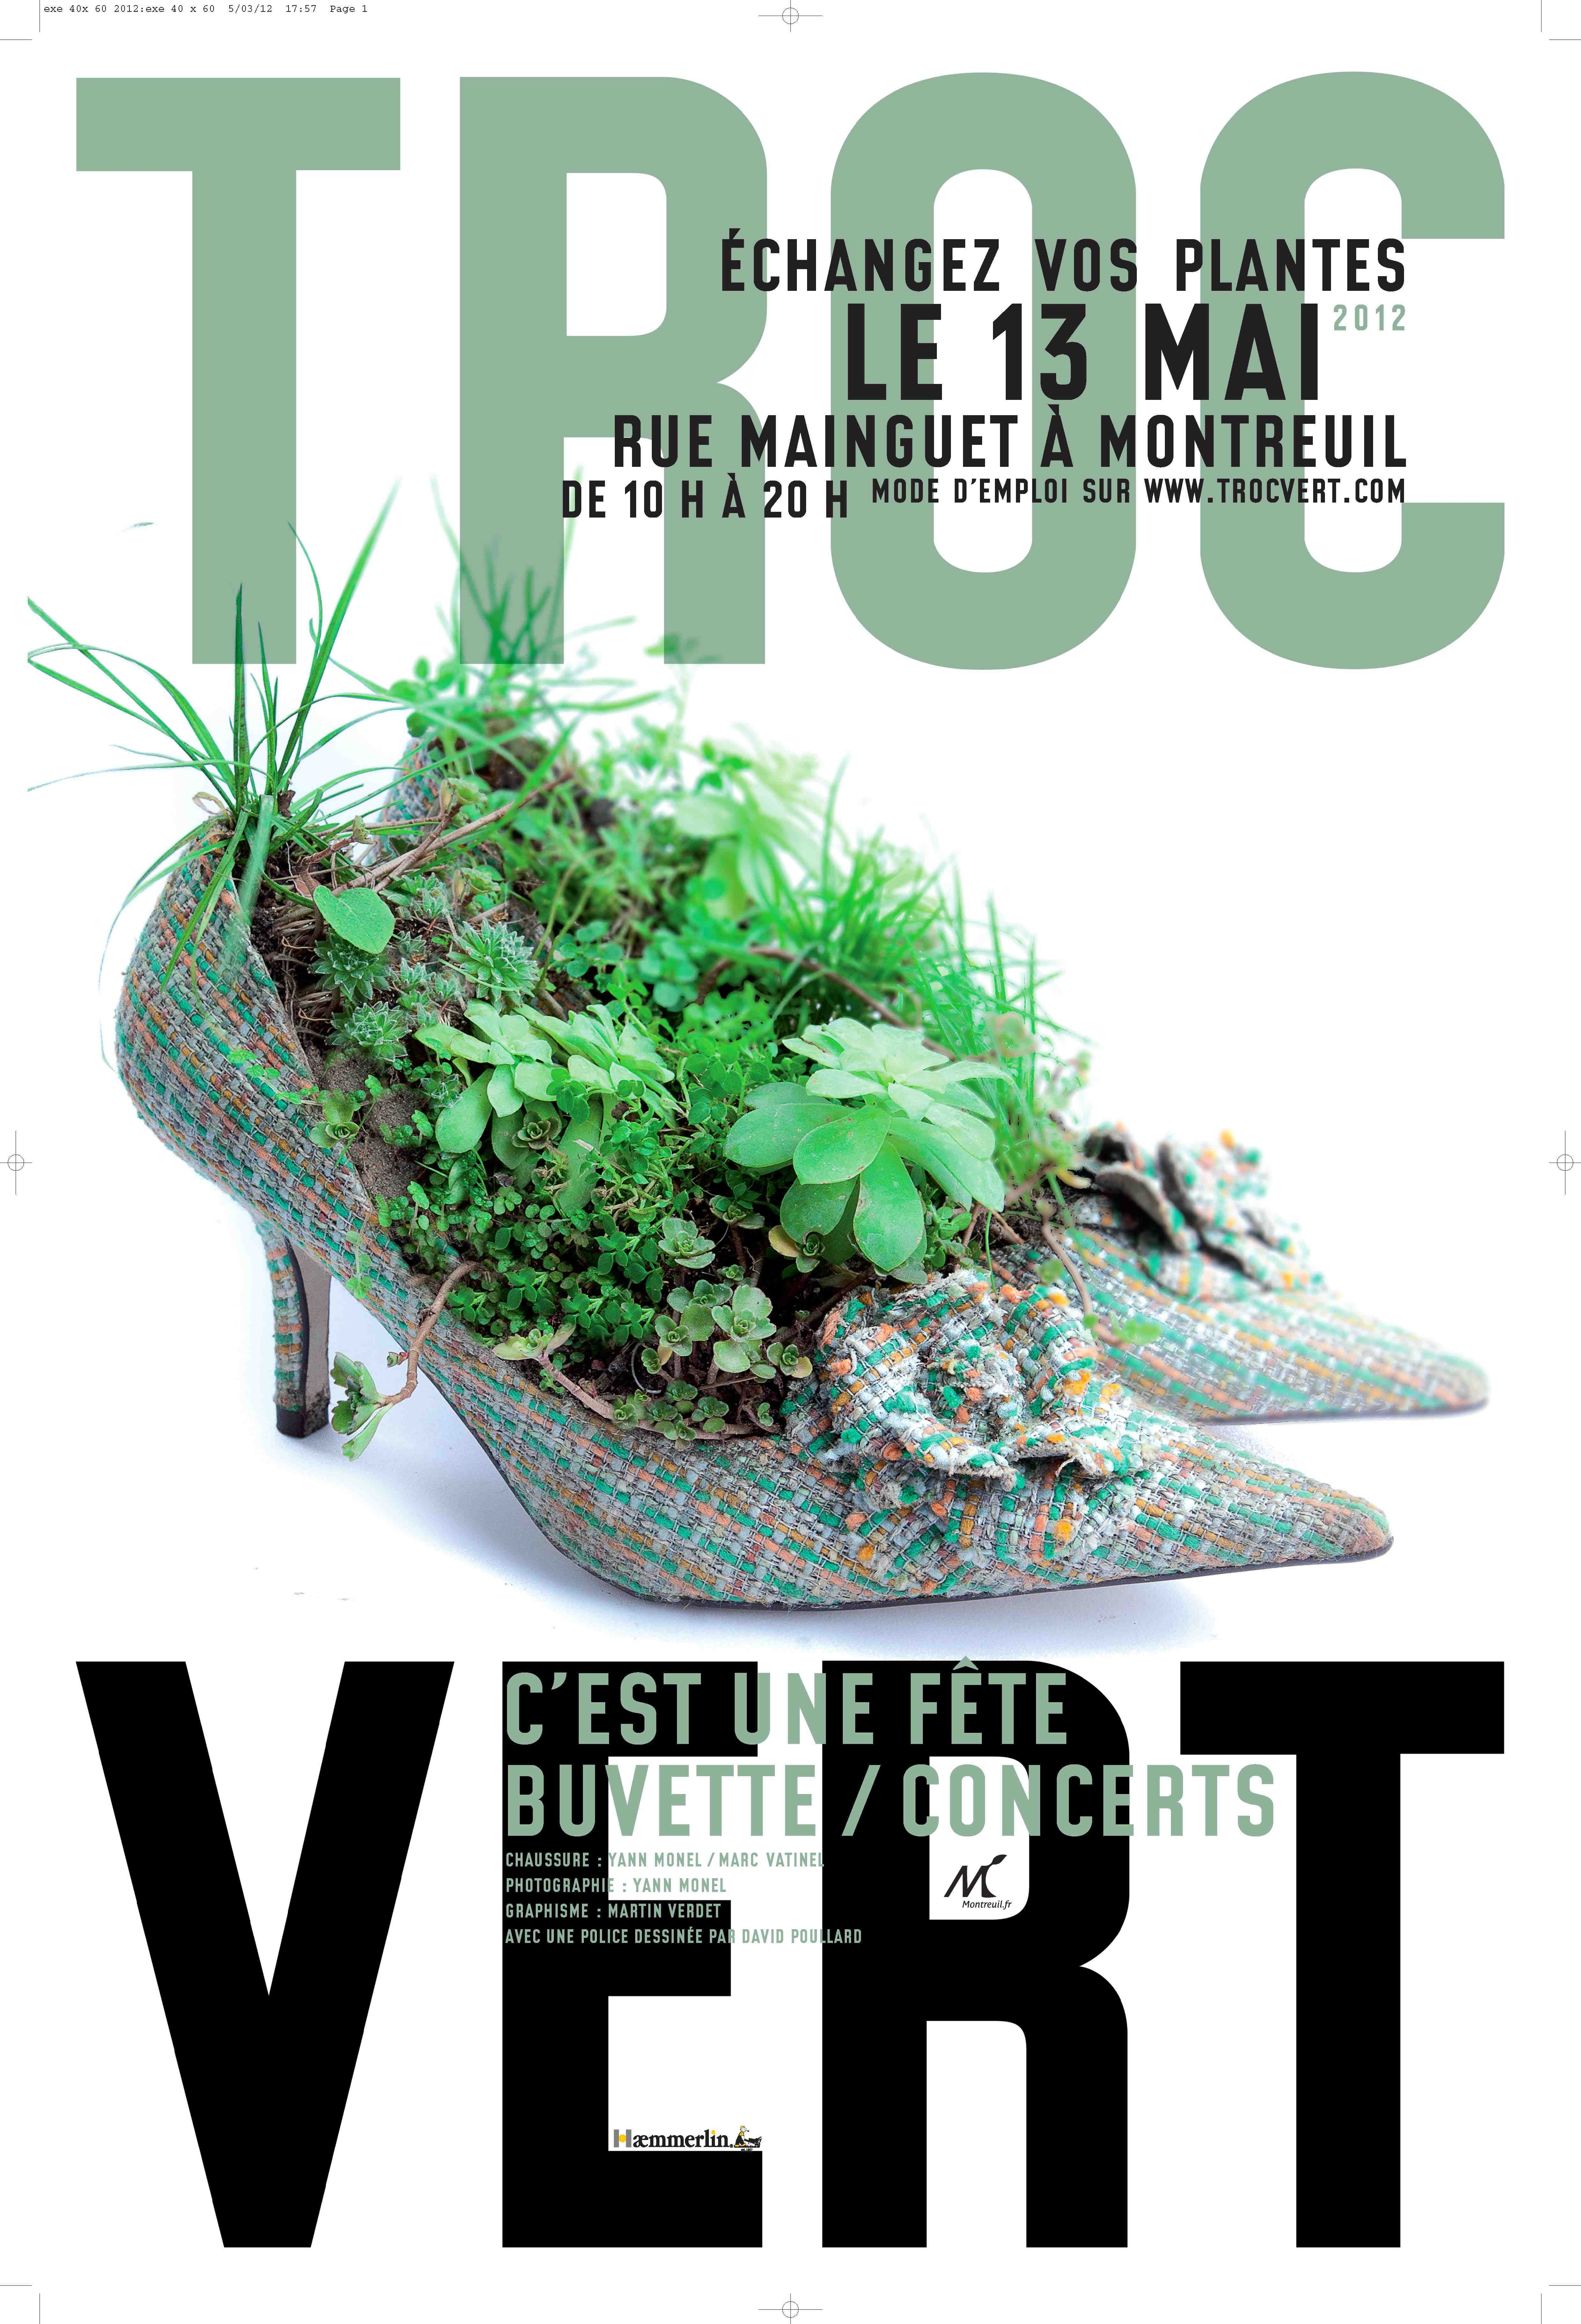 Troc Vert de Montreuil-sous-Bois (93)